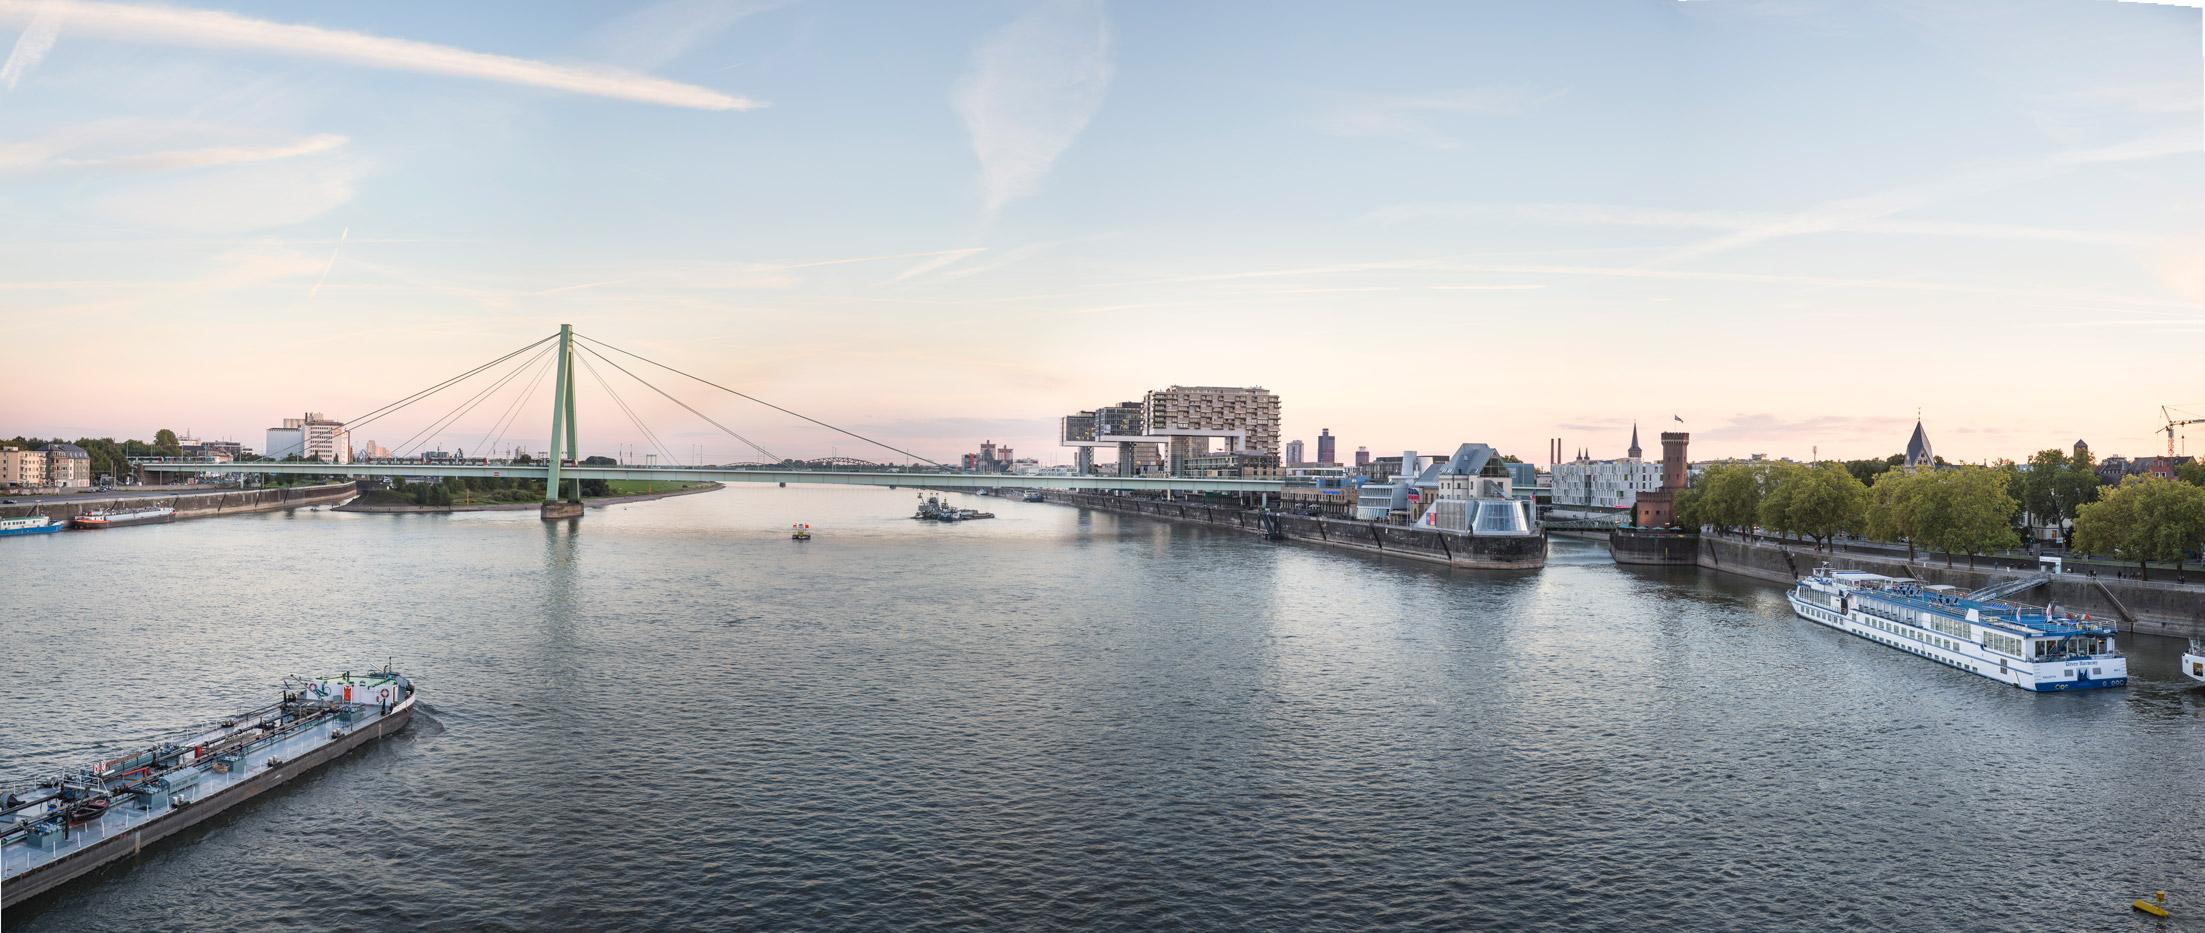 Köln-Panorama Kranhäuser, Severinsbrücke